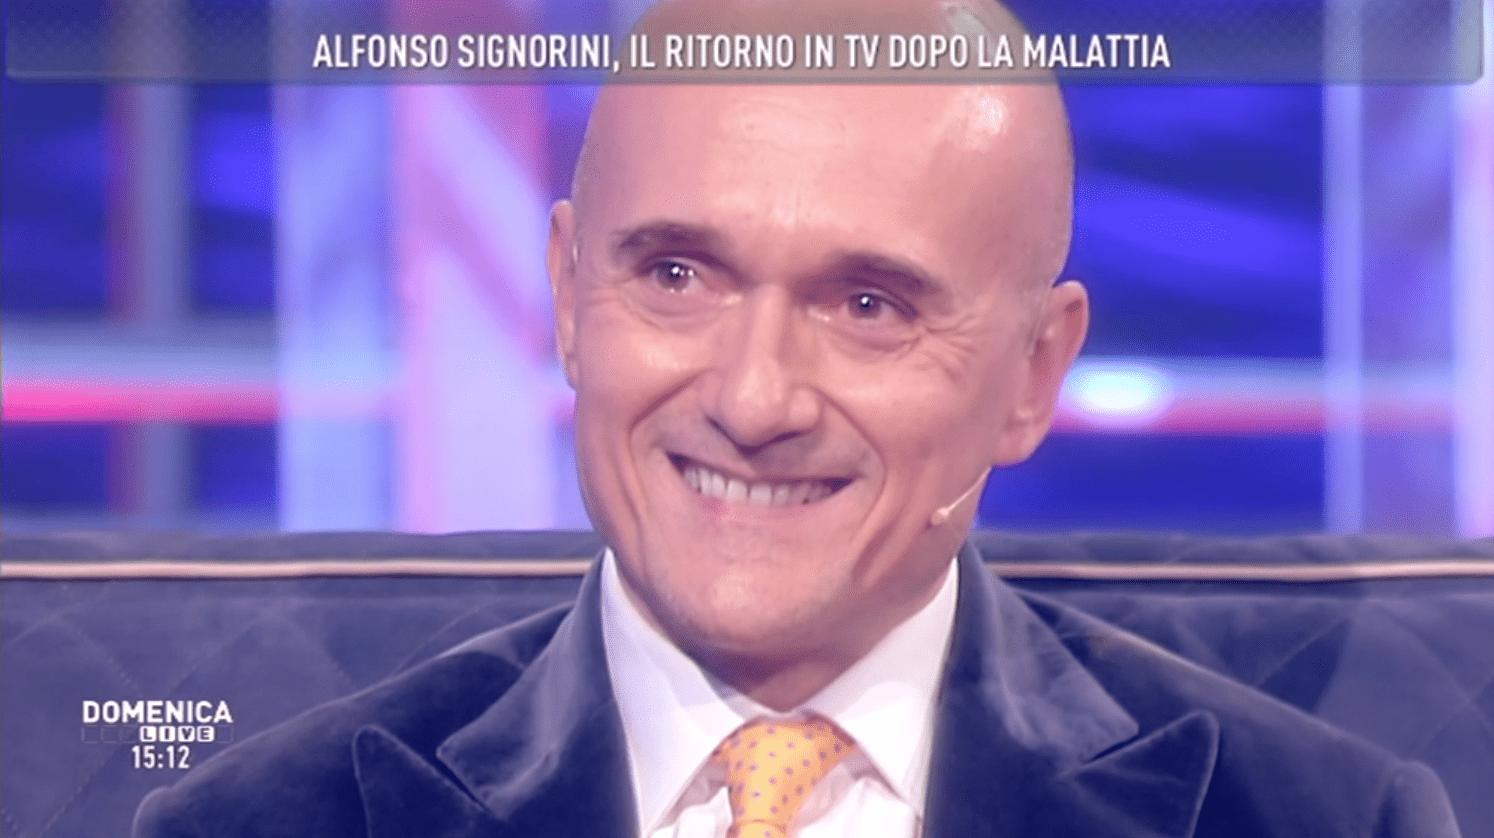 Alfonso Signorini a Domenica Live: 'Ringrazio la mia malattia'